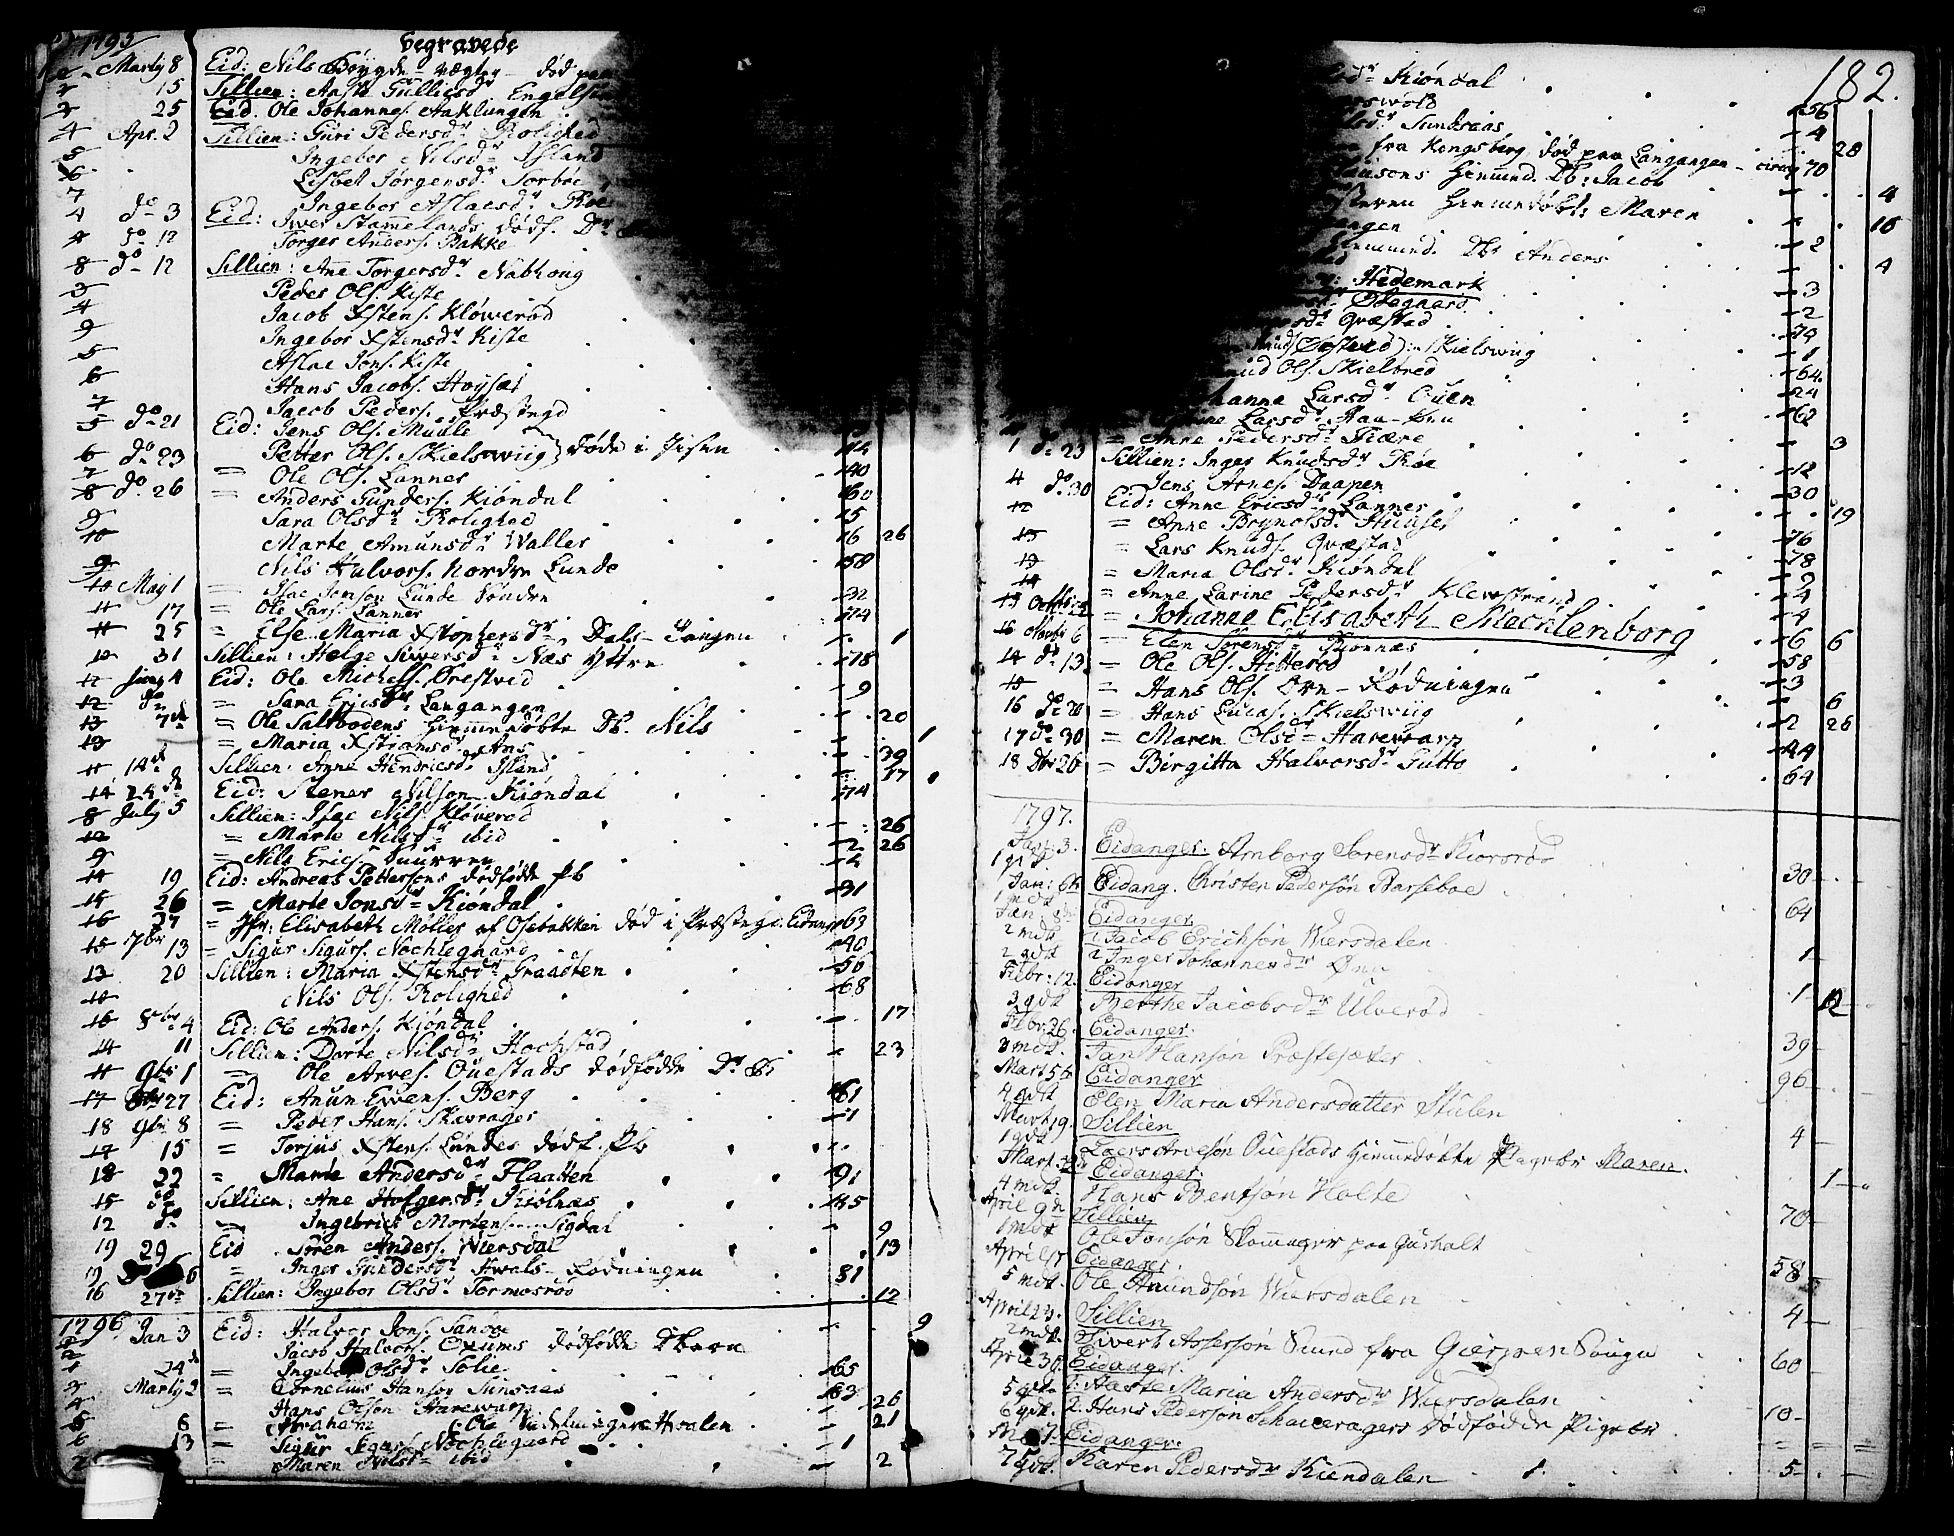 SAKO, Eidanger kirkebøker, F/Fa/L0006: Ministerialbok nr. 6, 1764-1814, s. 182